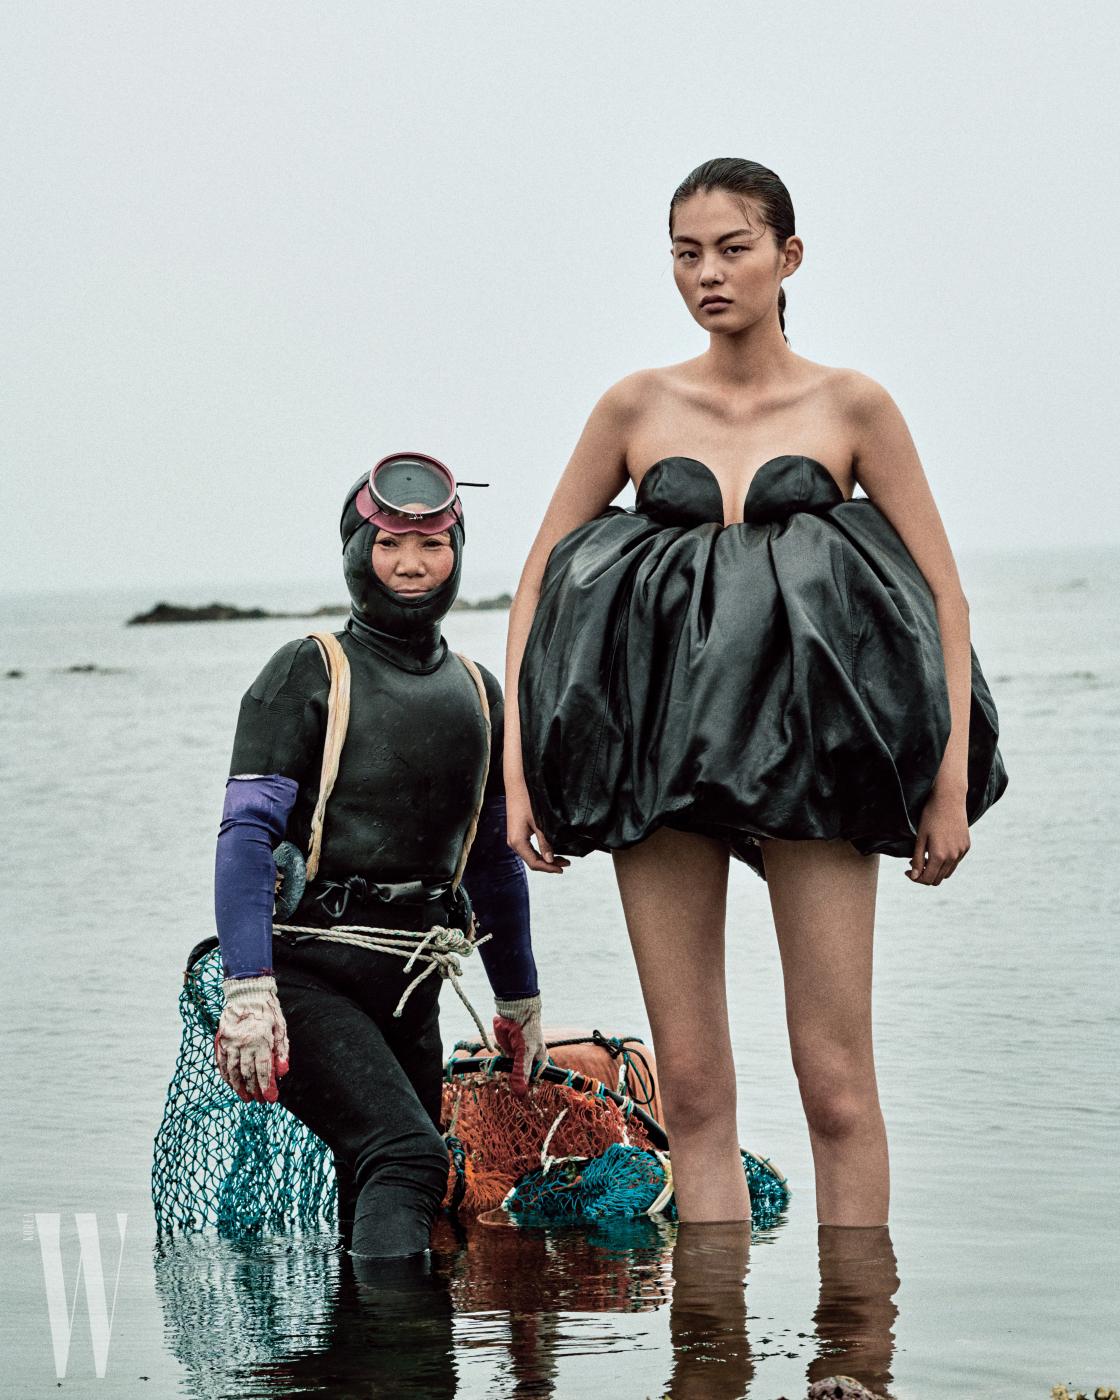 천예슬이 입은 검은색 가죽 드레스는 Saint Laurent by Anthony Vaccarello 제품.